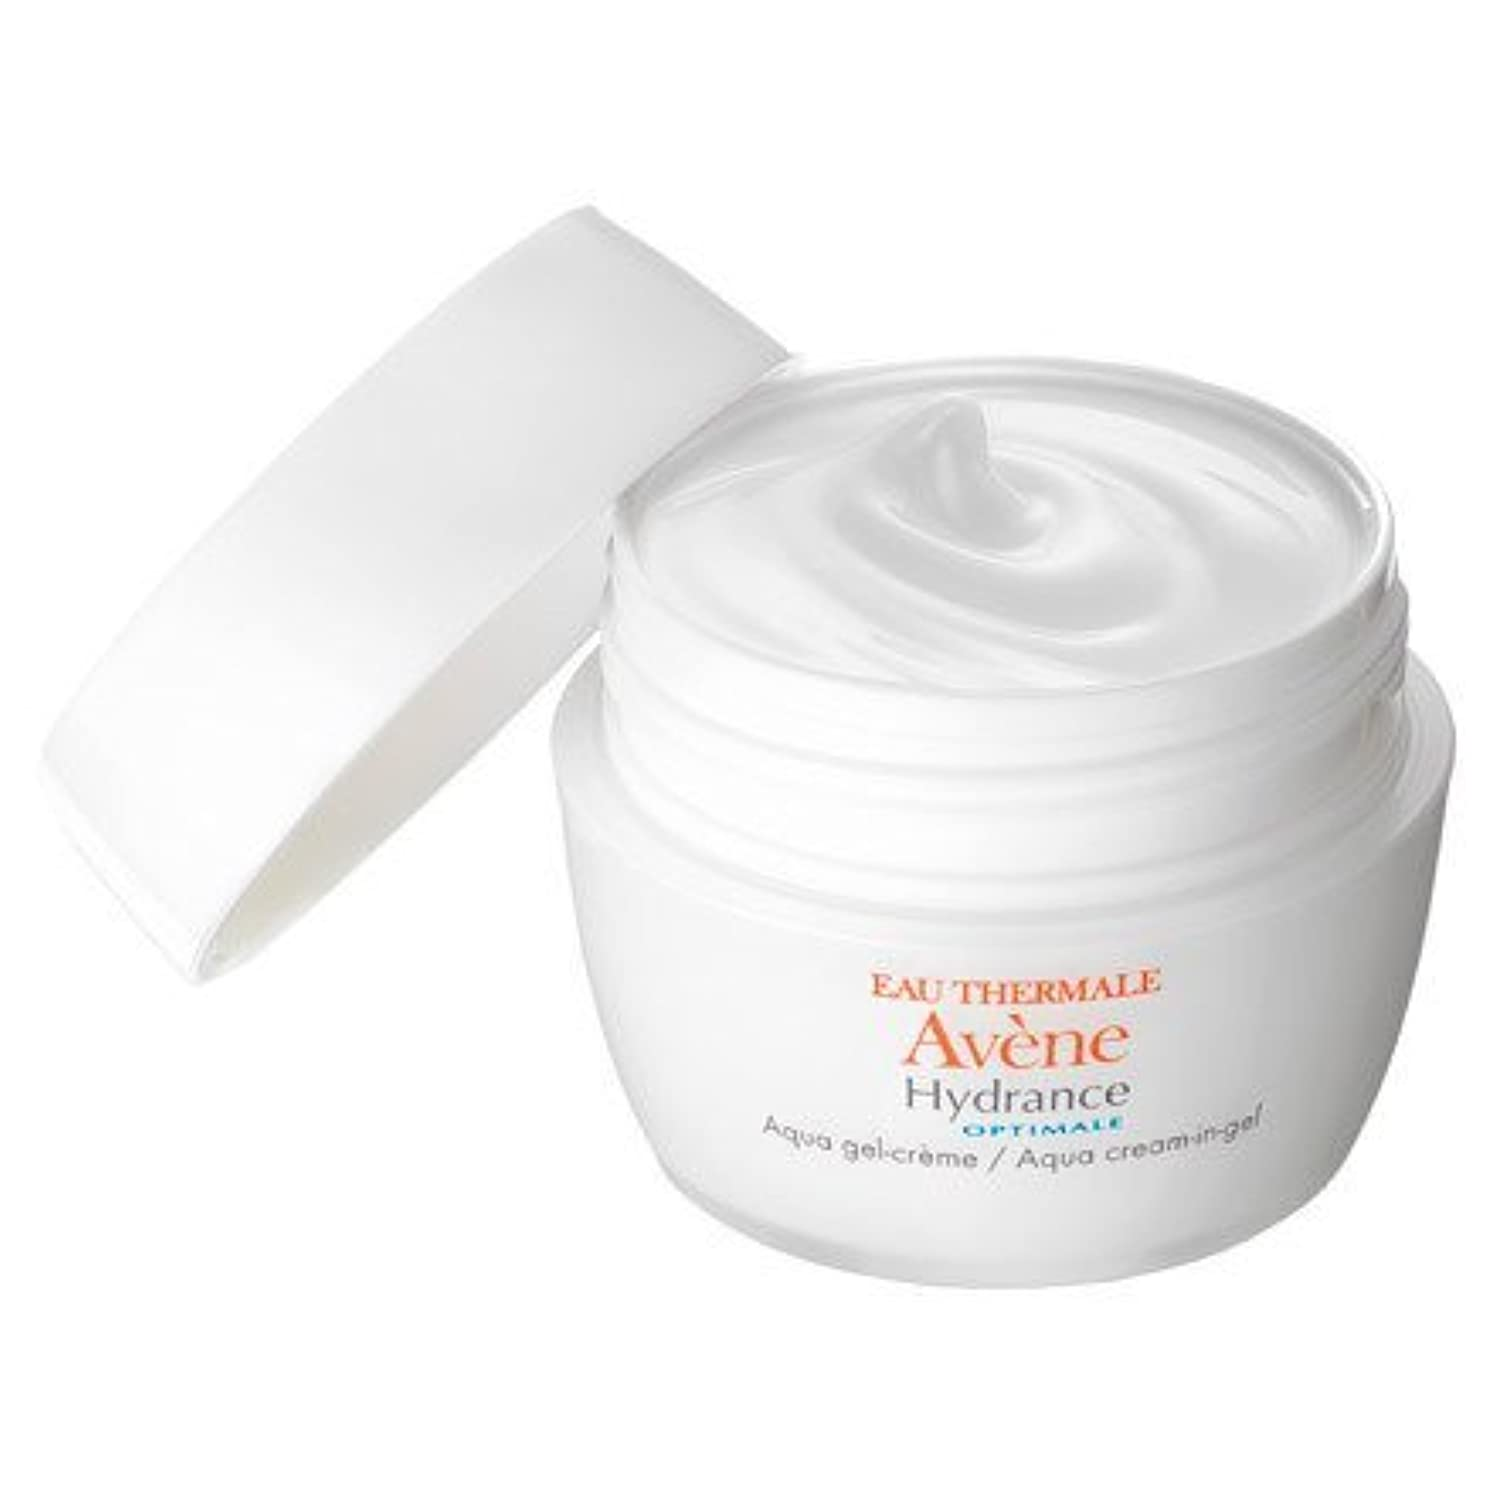 状態限られた期待するAvene Aqua Cream in Gel アベンヌ ミルキージェル 保湿ジェルクリーム 50g [海外直送品] [並行輸入品]